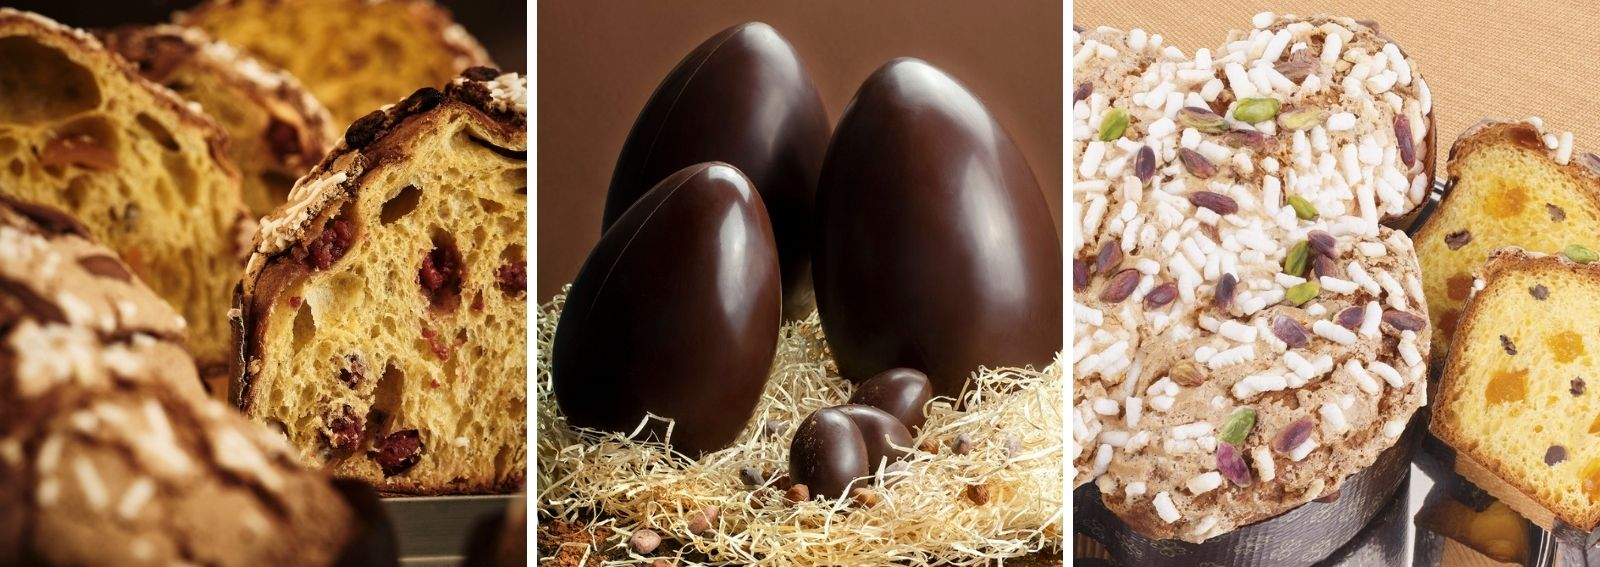 Colombe e uova pasqua artigianali delivery DESK